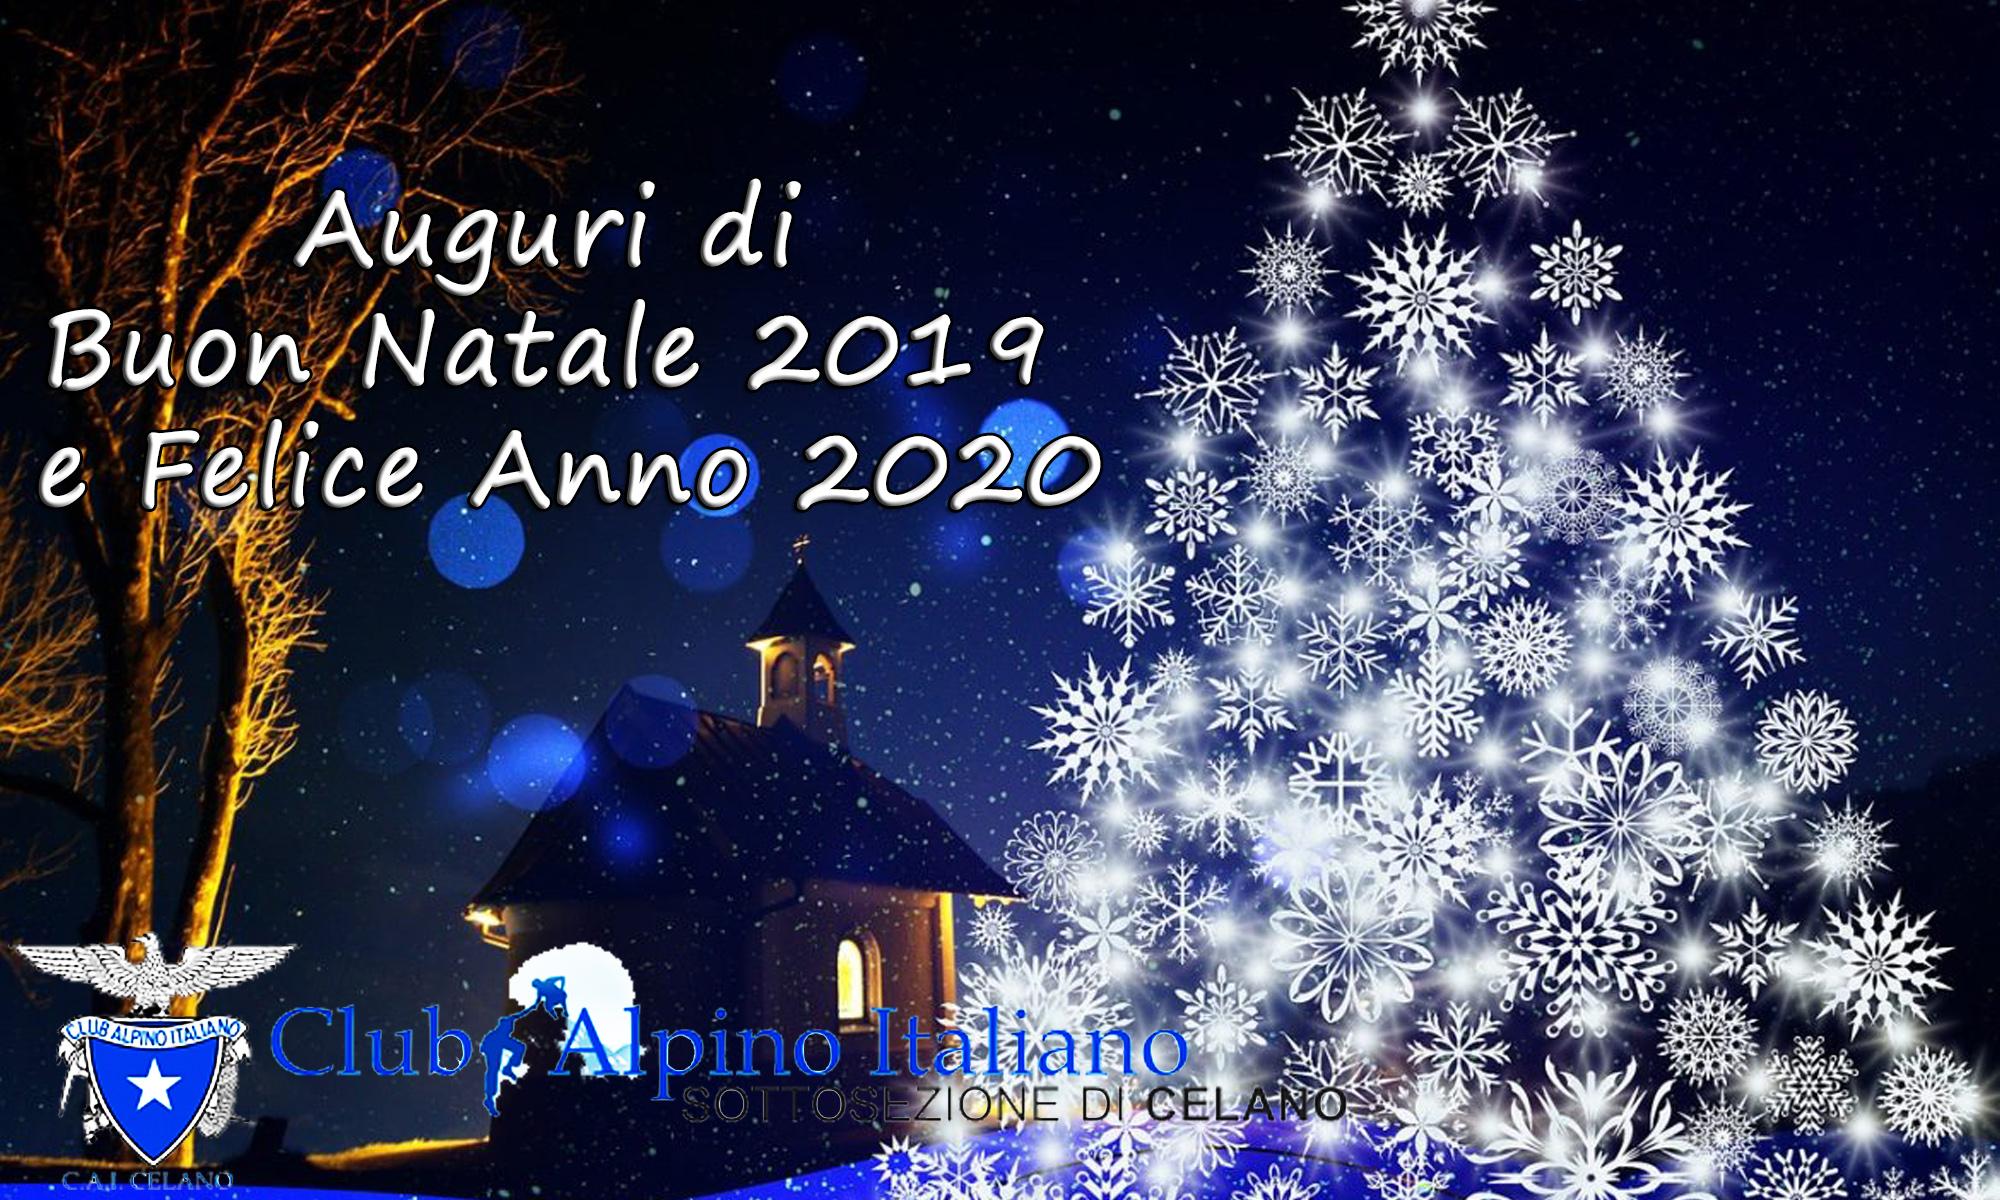 Buon Natale 2019 e Felice Anno 2020